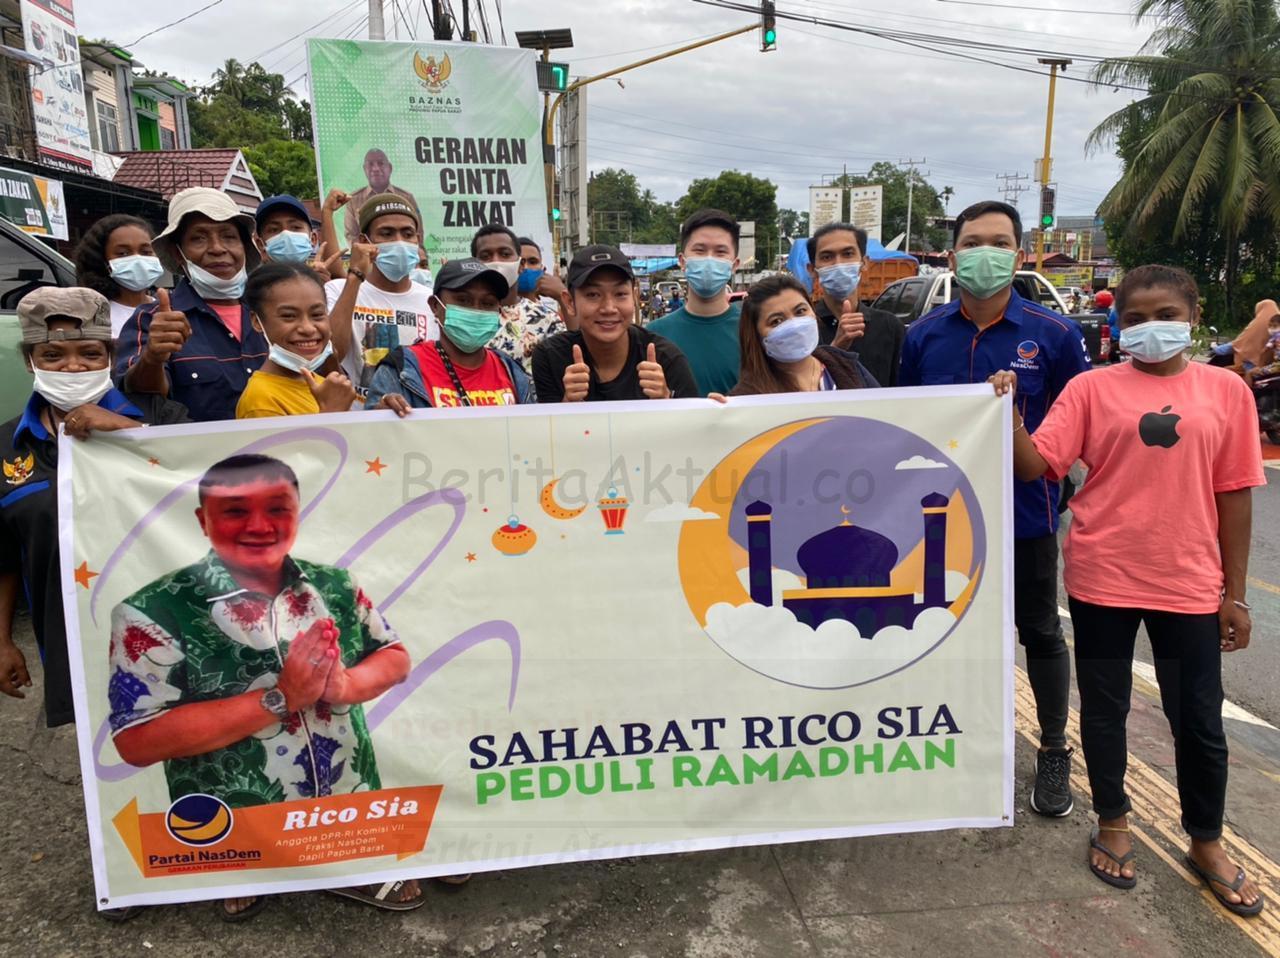 Sahabat Rico Sia di Manokwari Bagi Ratusan Takjil ke Pengguna Jalan Lampu Merah Haji Bauw 4 IMG 20210508 WA0056